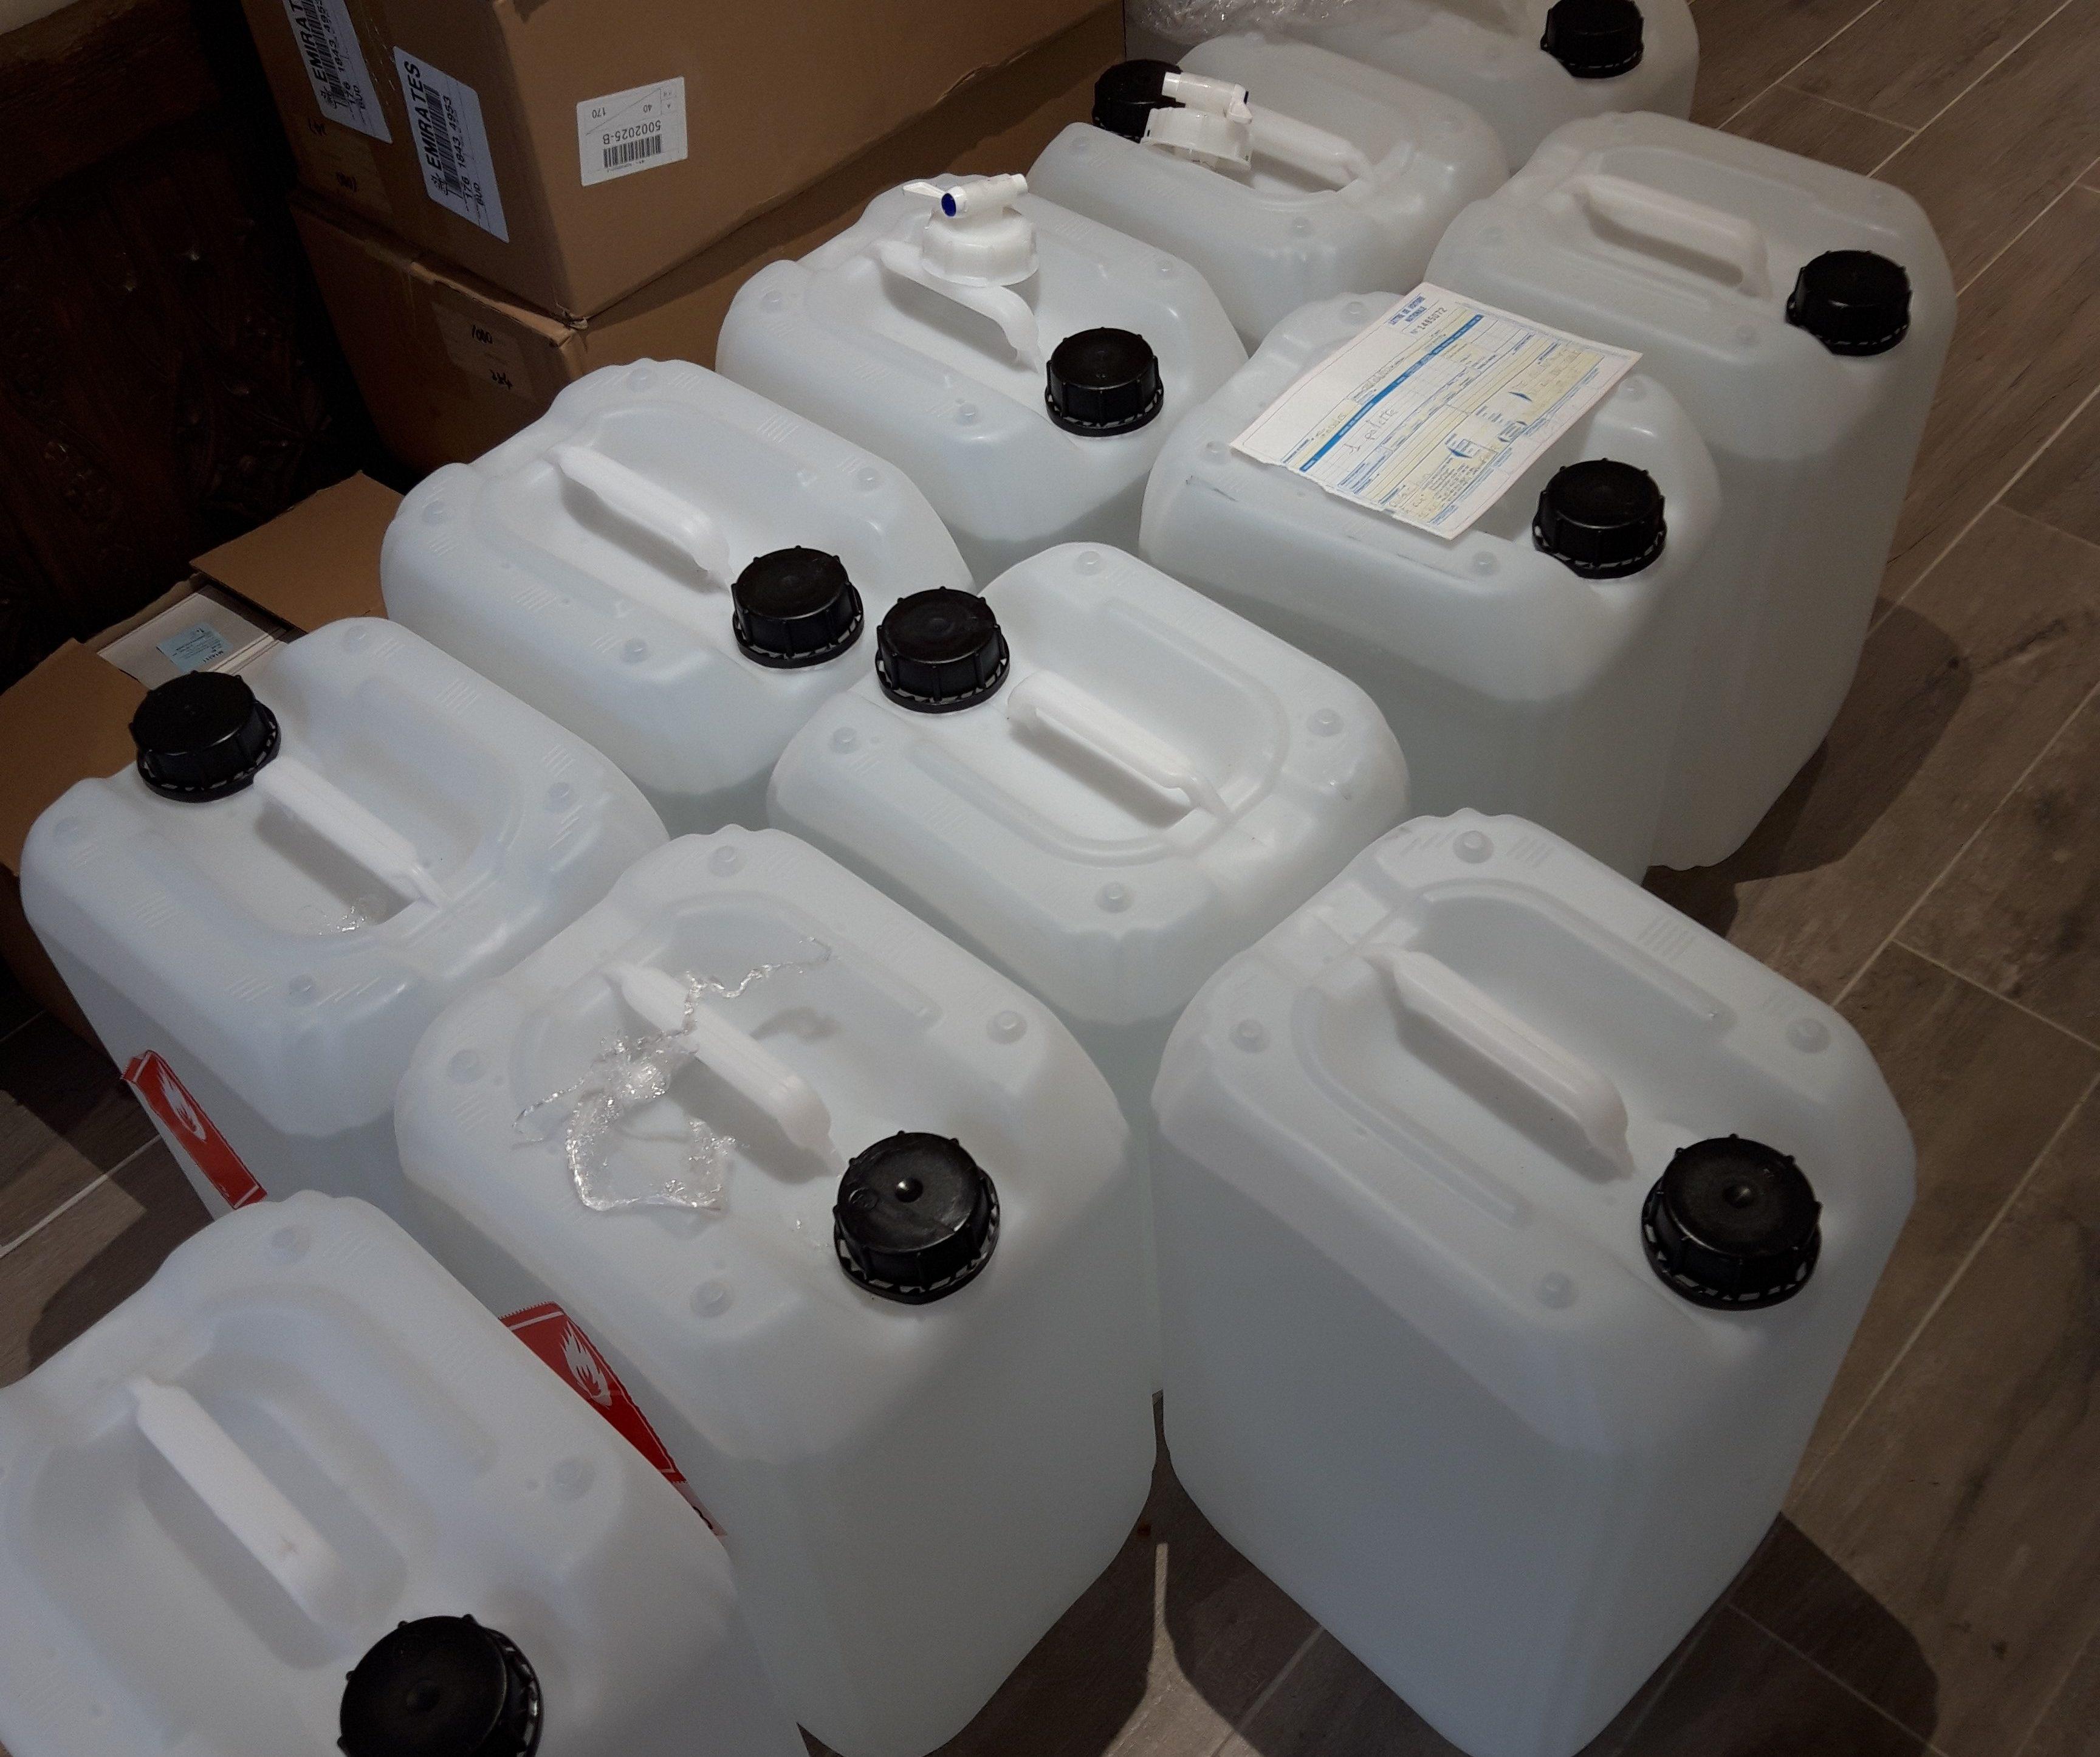 Bidons de solution hydroalcoolique en attente de livraison